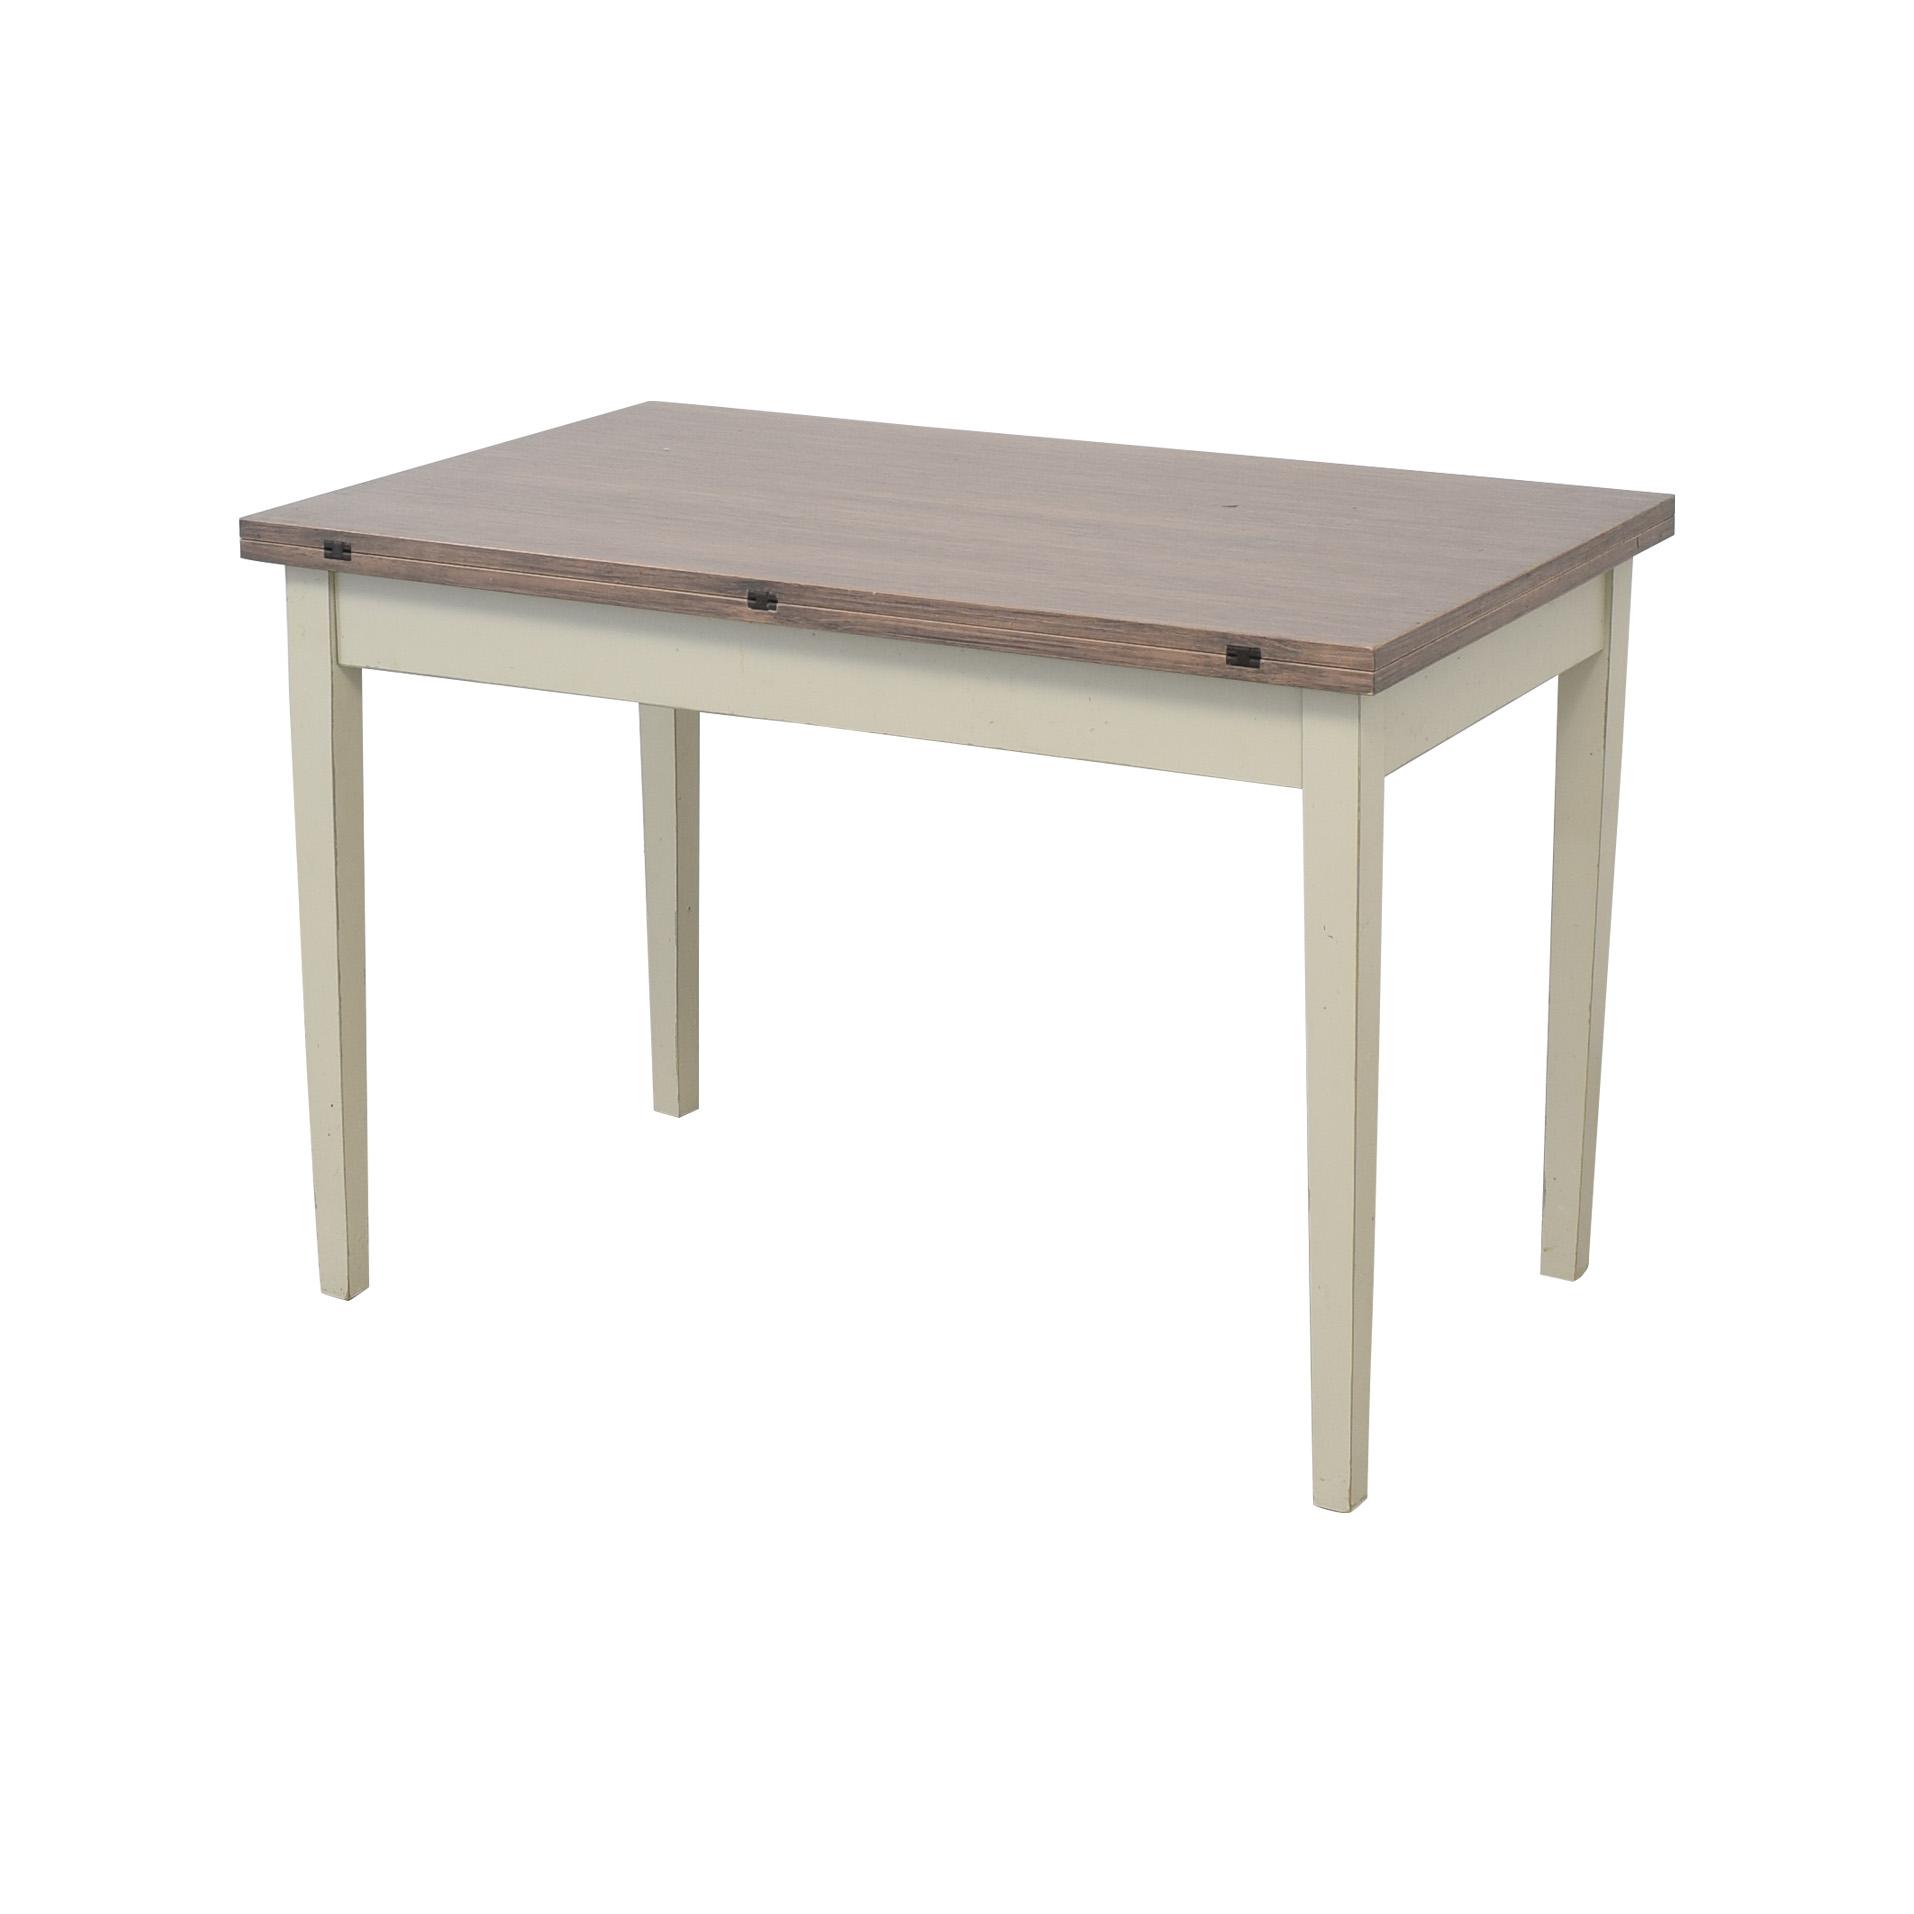 Crate & Barrel Crate & Barrel Flip Table dimensions